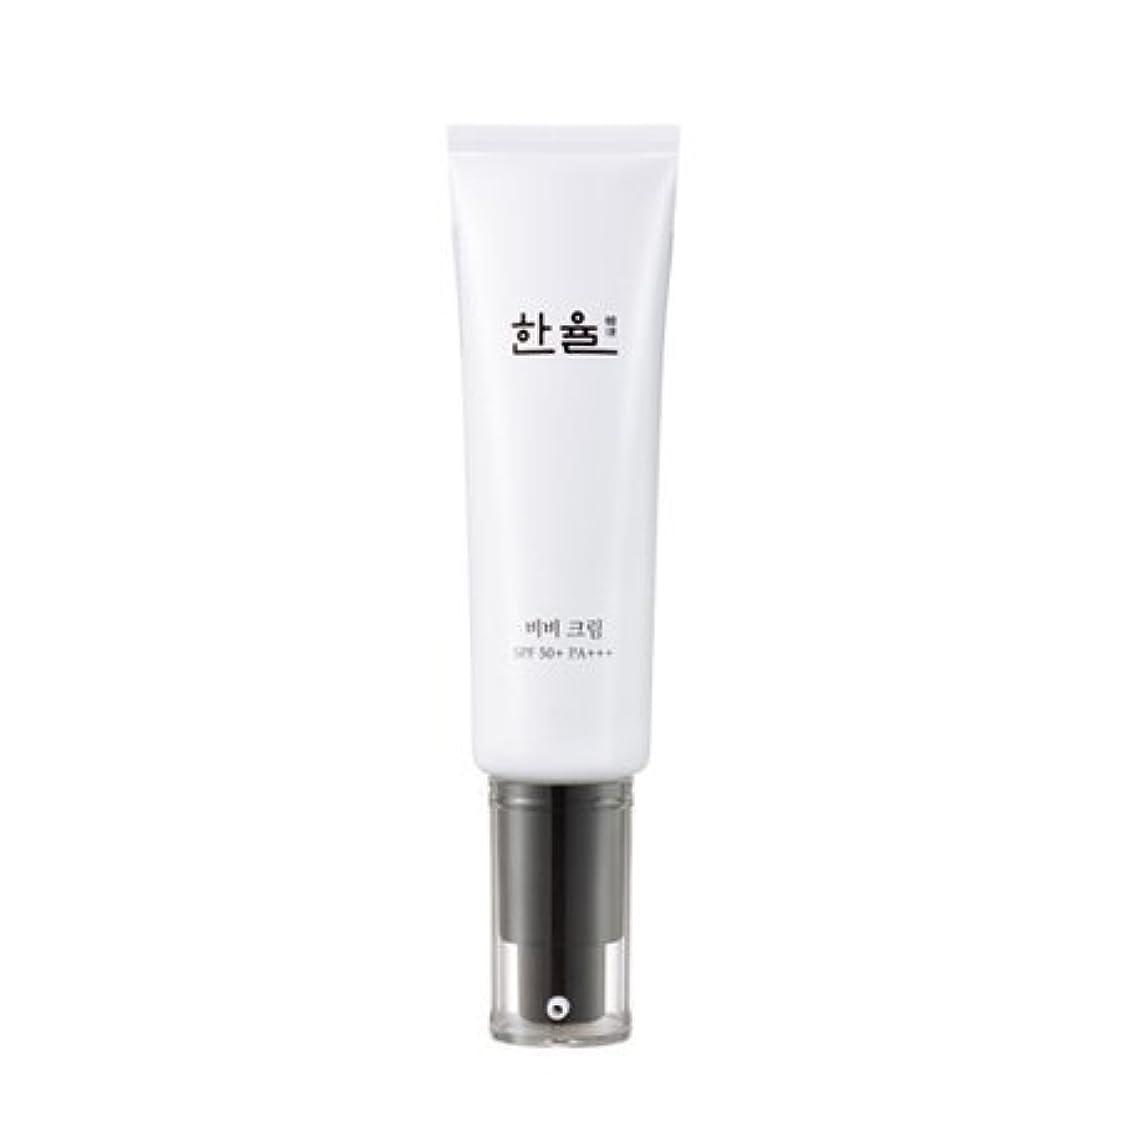 アマチュア取り替える知る[HANYUL] BB Cream SPF 50+/pa+++ (#02 Soft Beige)